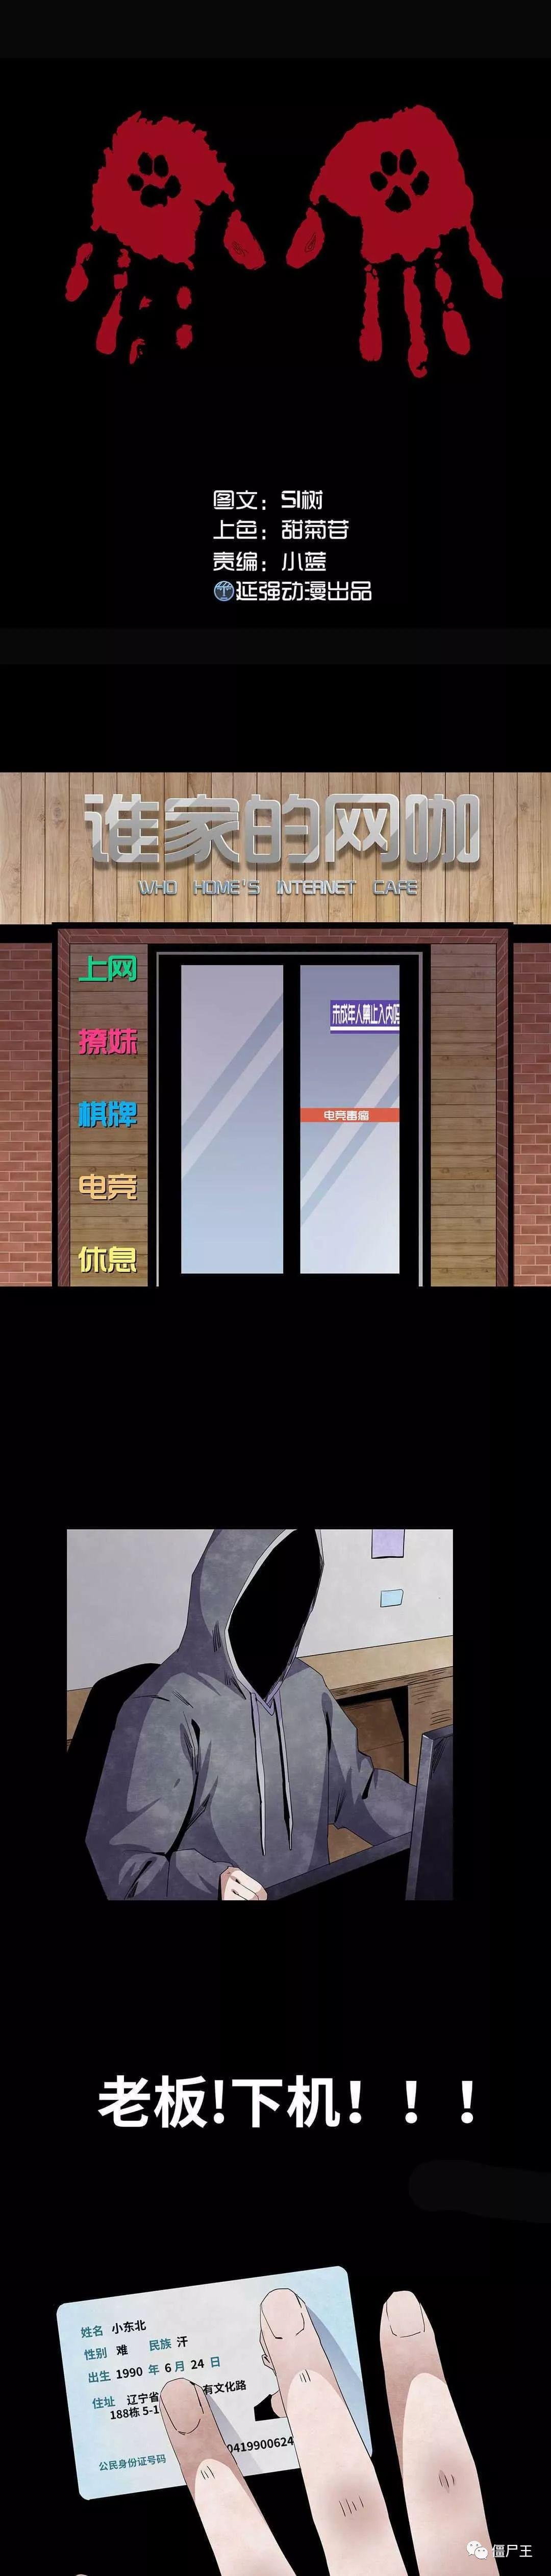 僵尸王漫画:红掌印之社会人